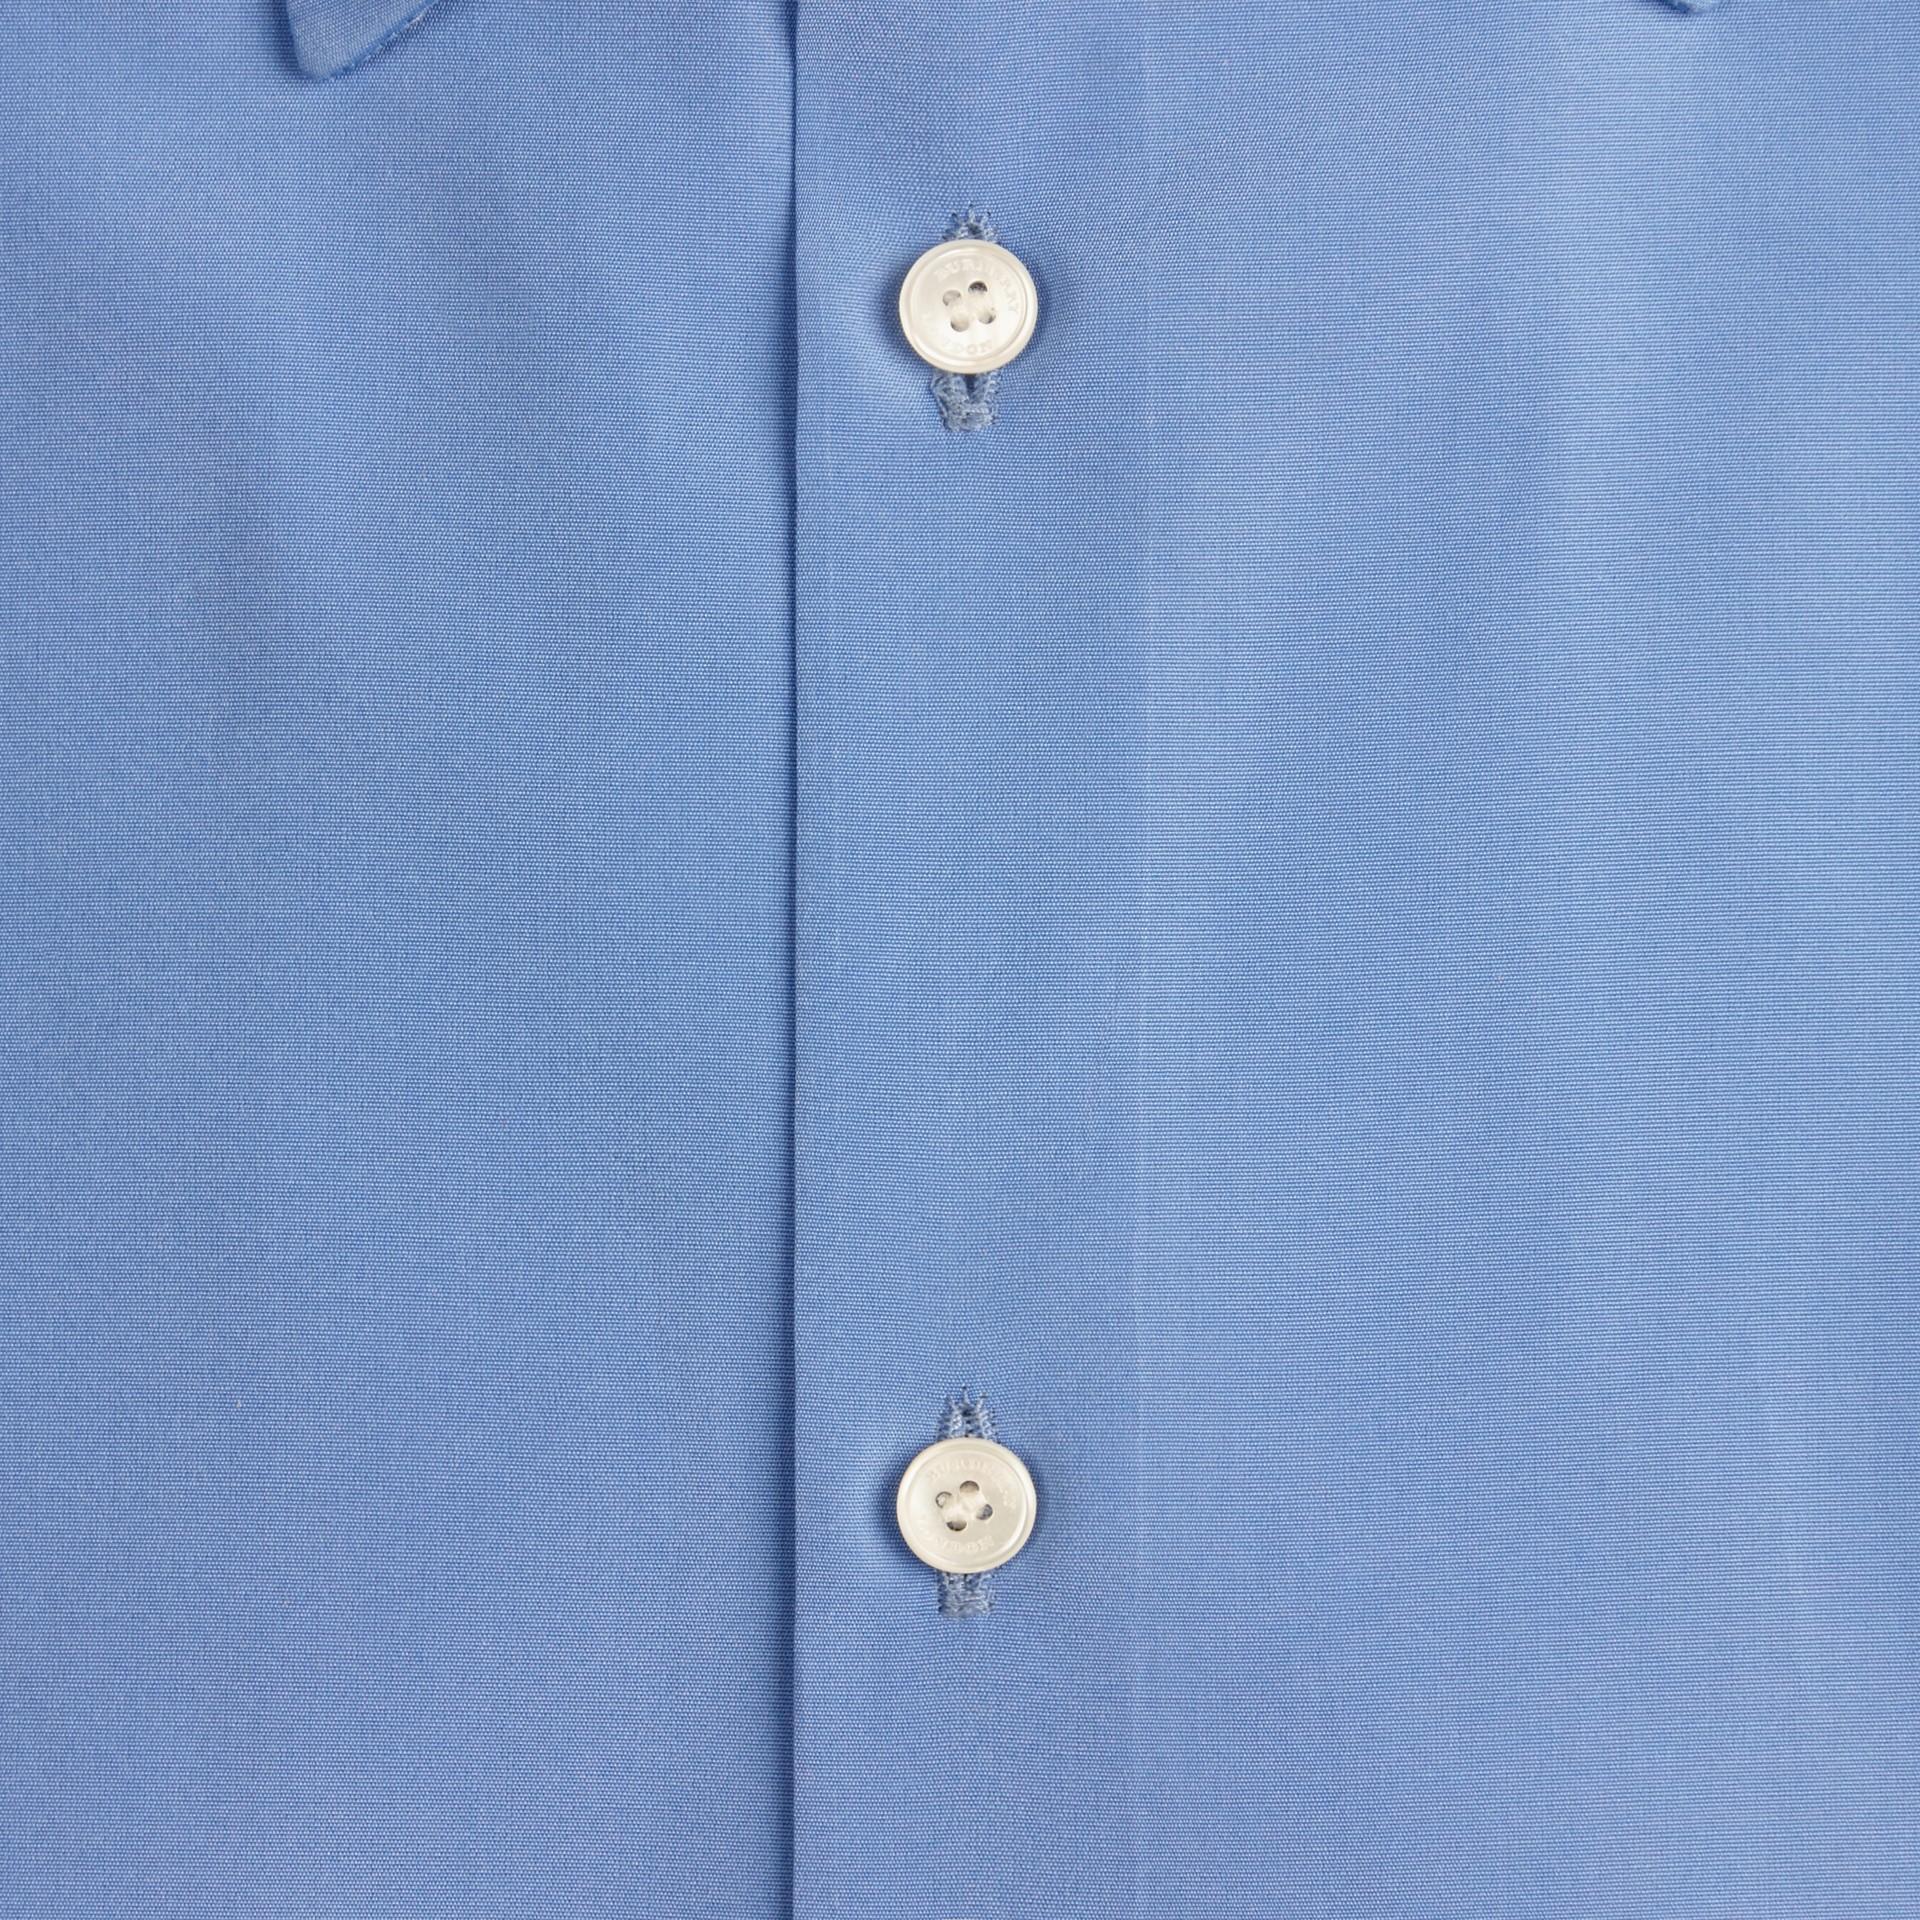 Mittelblau Schmal geschnittenes Hemd aus Baumwollpopelin mit kurzen Ärmeln - Galerie-Bild 2